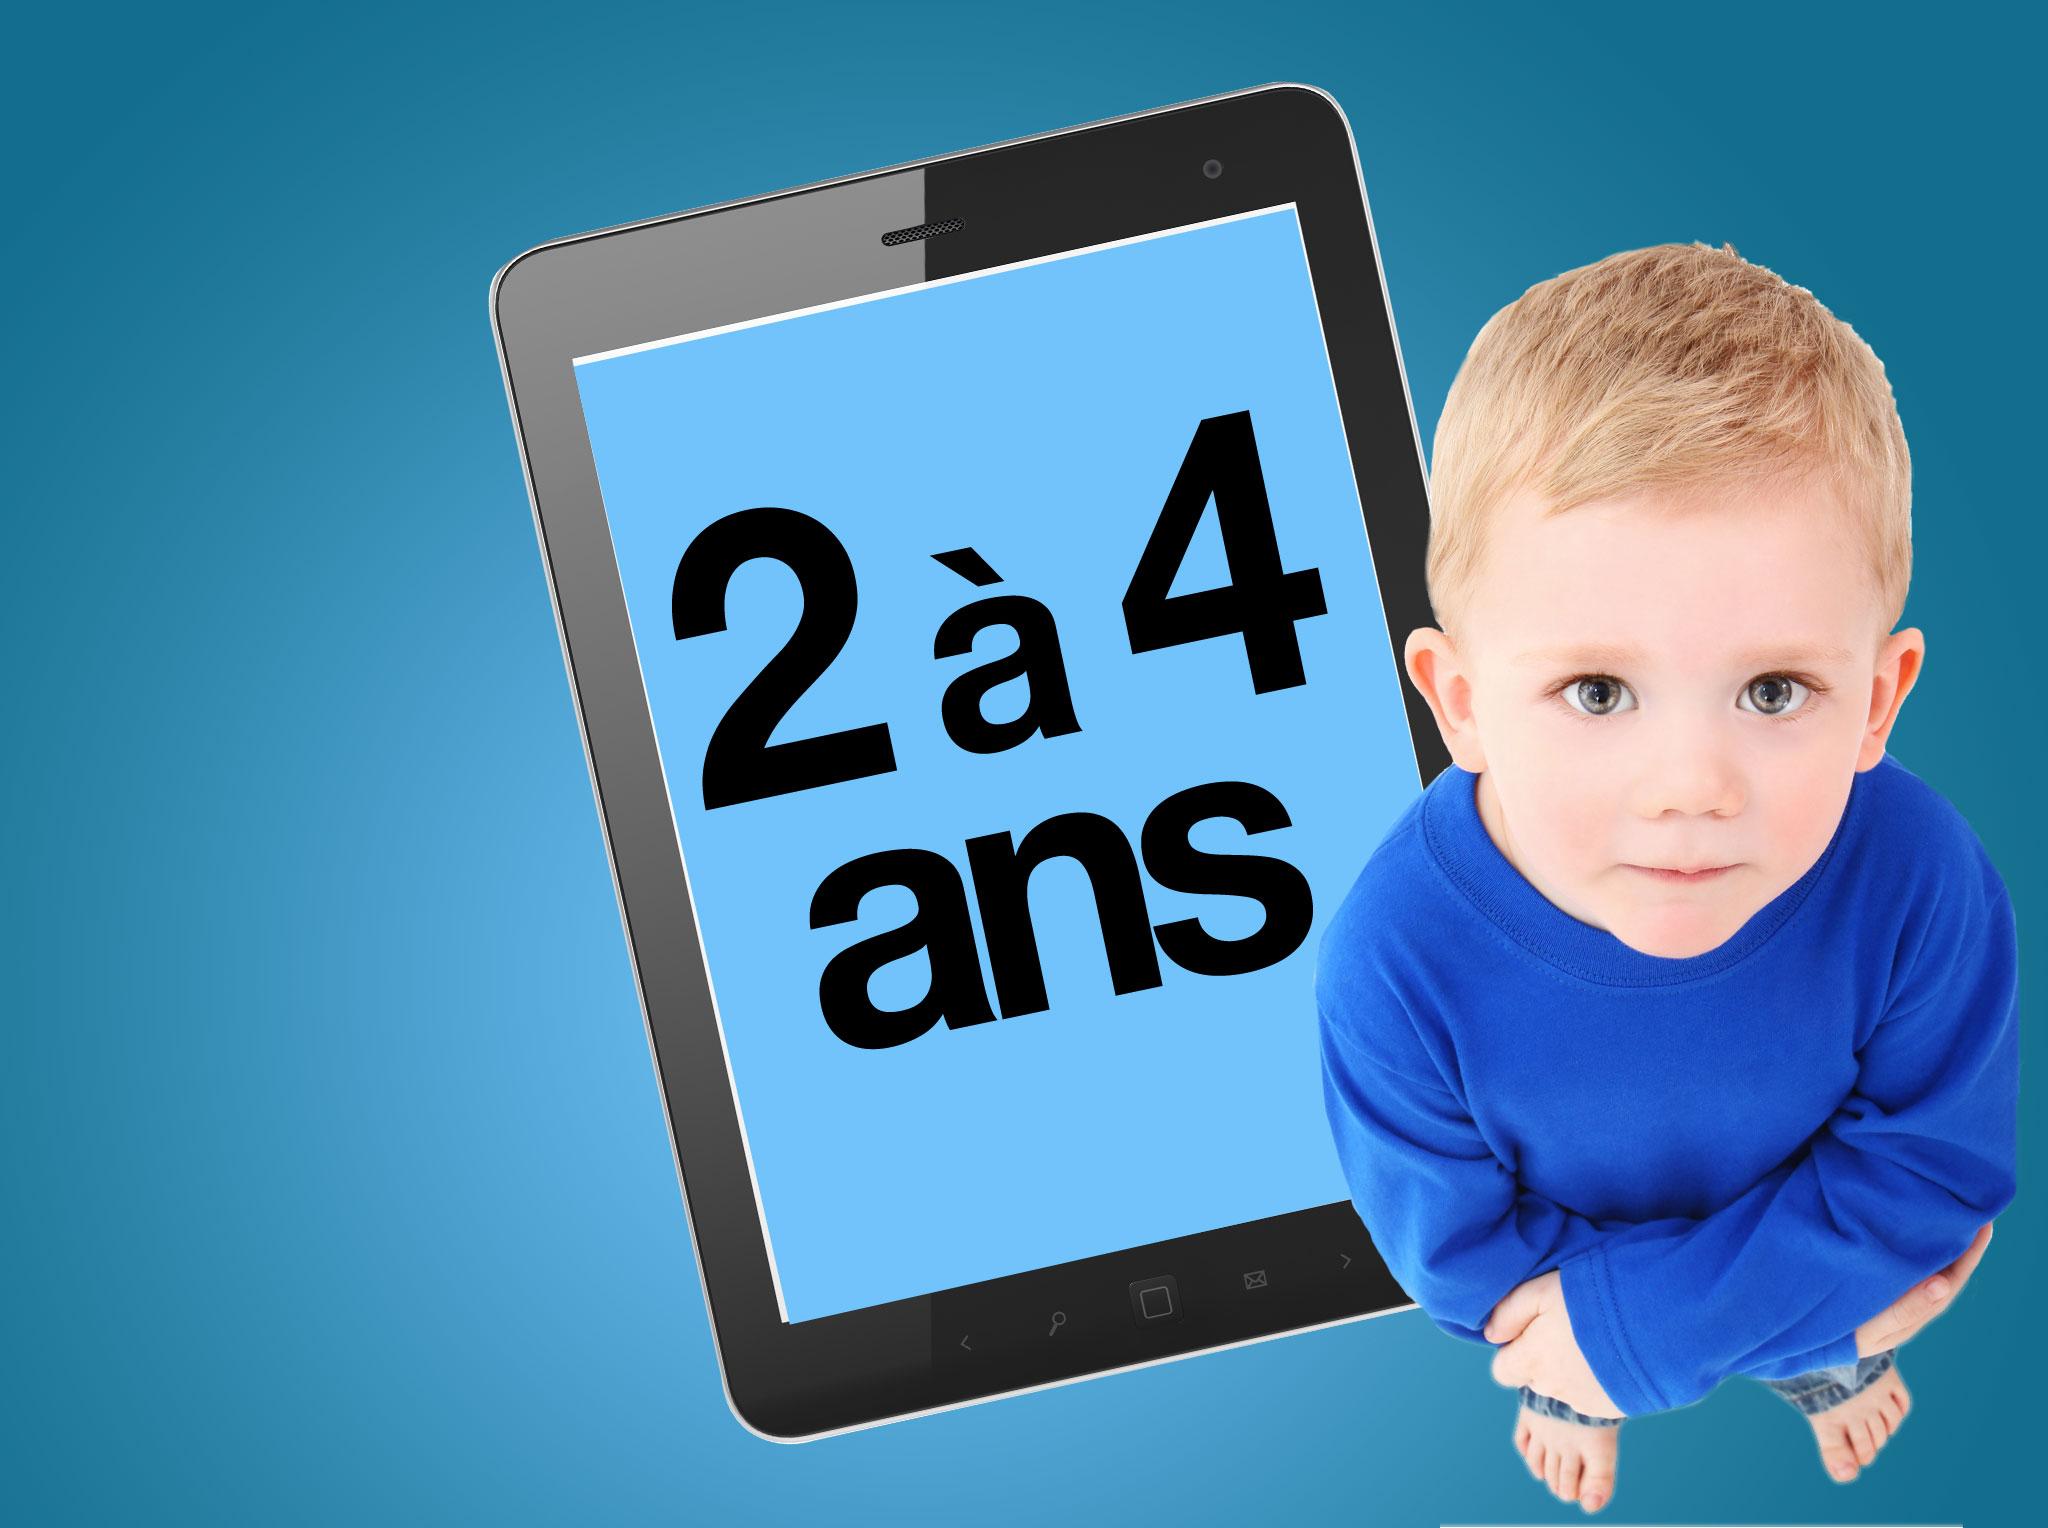 Jeux Sur Tablette: 64 Choix Pour Enfants | Protégez-Vous.ca pour Jeux 2 Ans En Ligne Gratuit